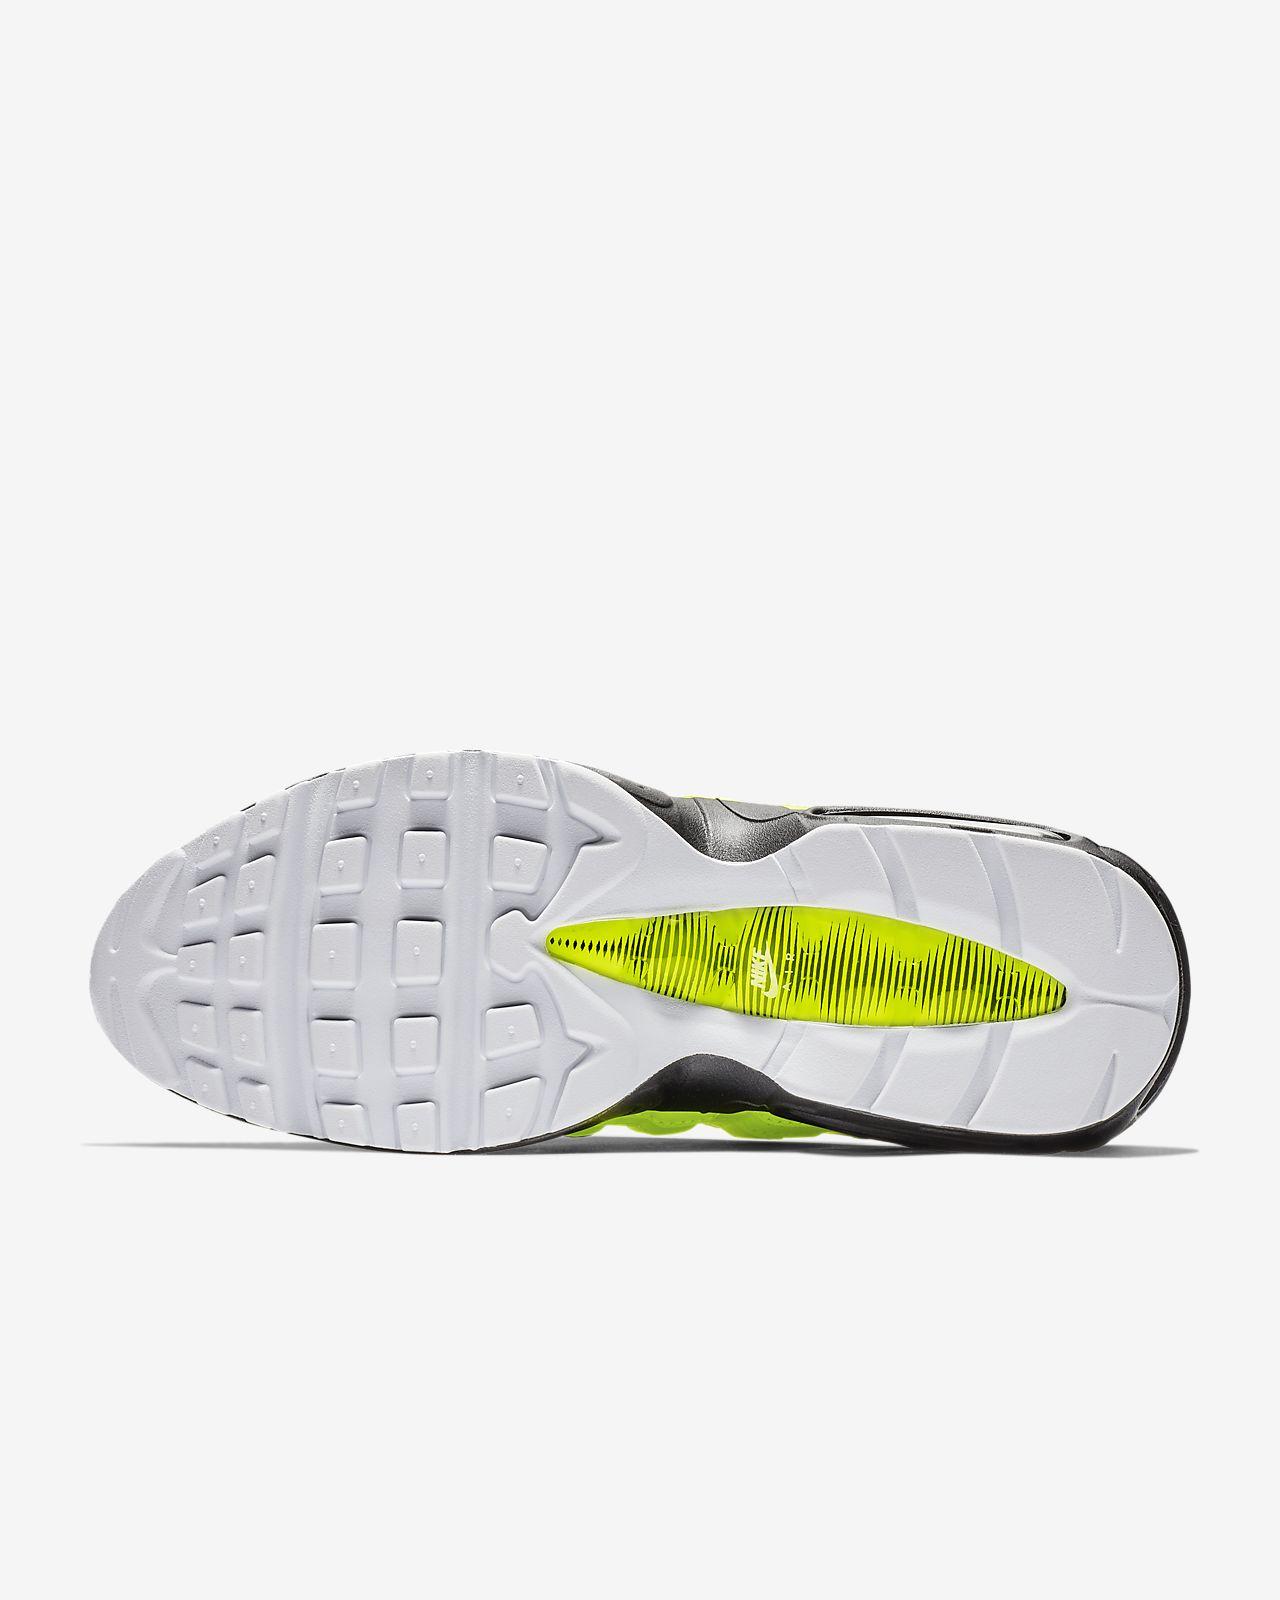 646921dd653 Nike Air Max 95 Premium Men s Shoe. Nike.com